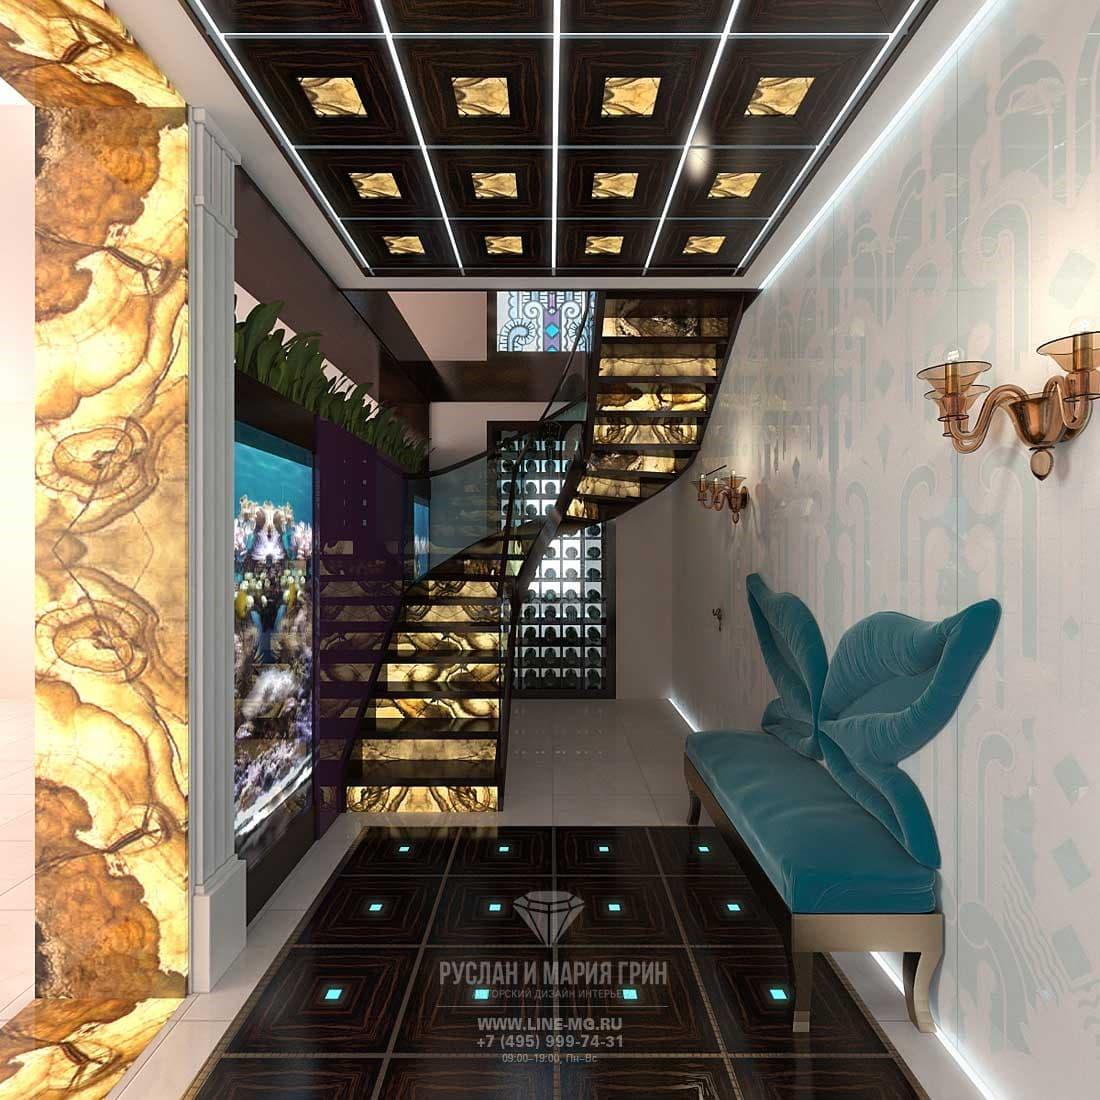 Интерьер лестничного холла с отделкой ониксом и мрамором